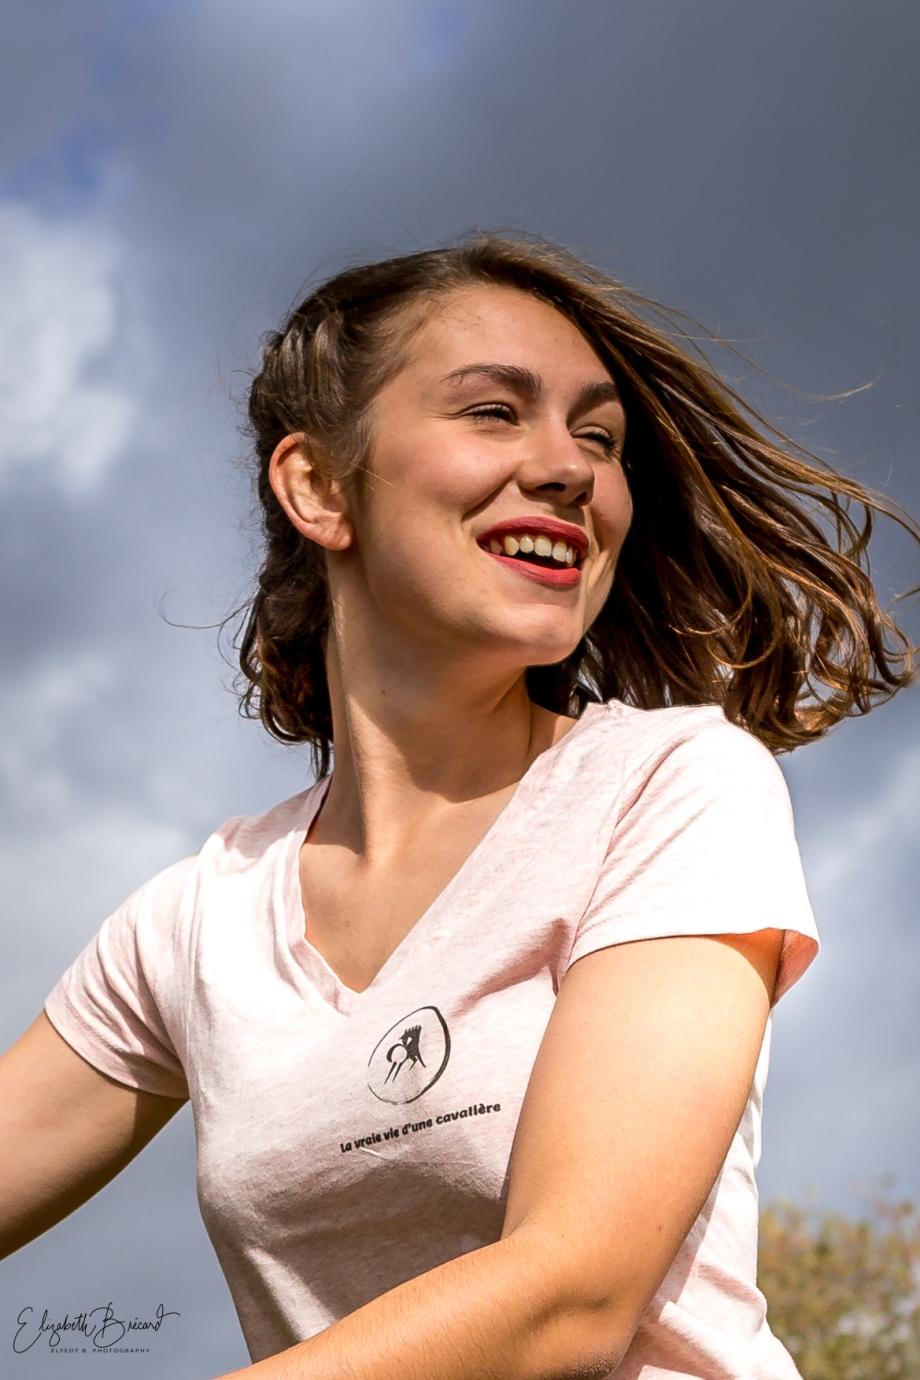 Laura modèle pour la Vraie Vie d'une Cavalière